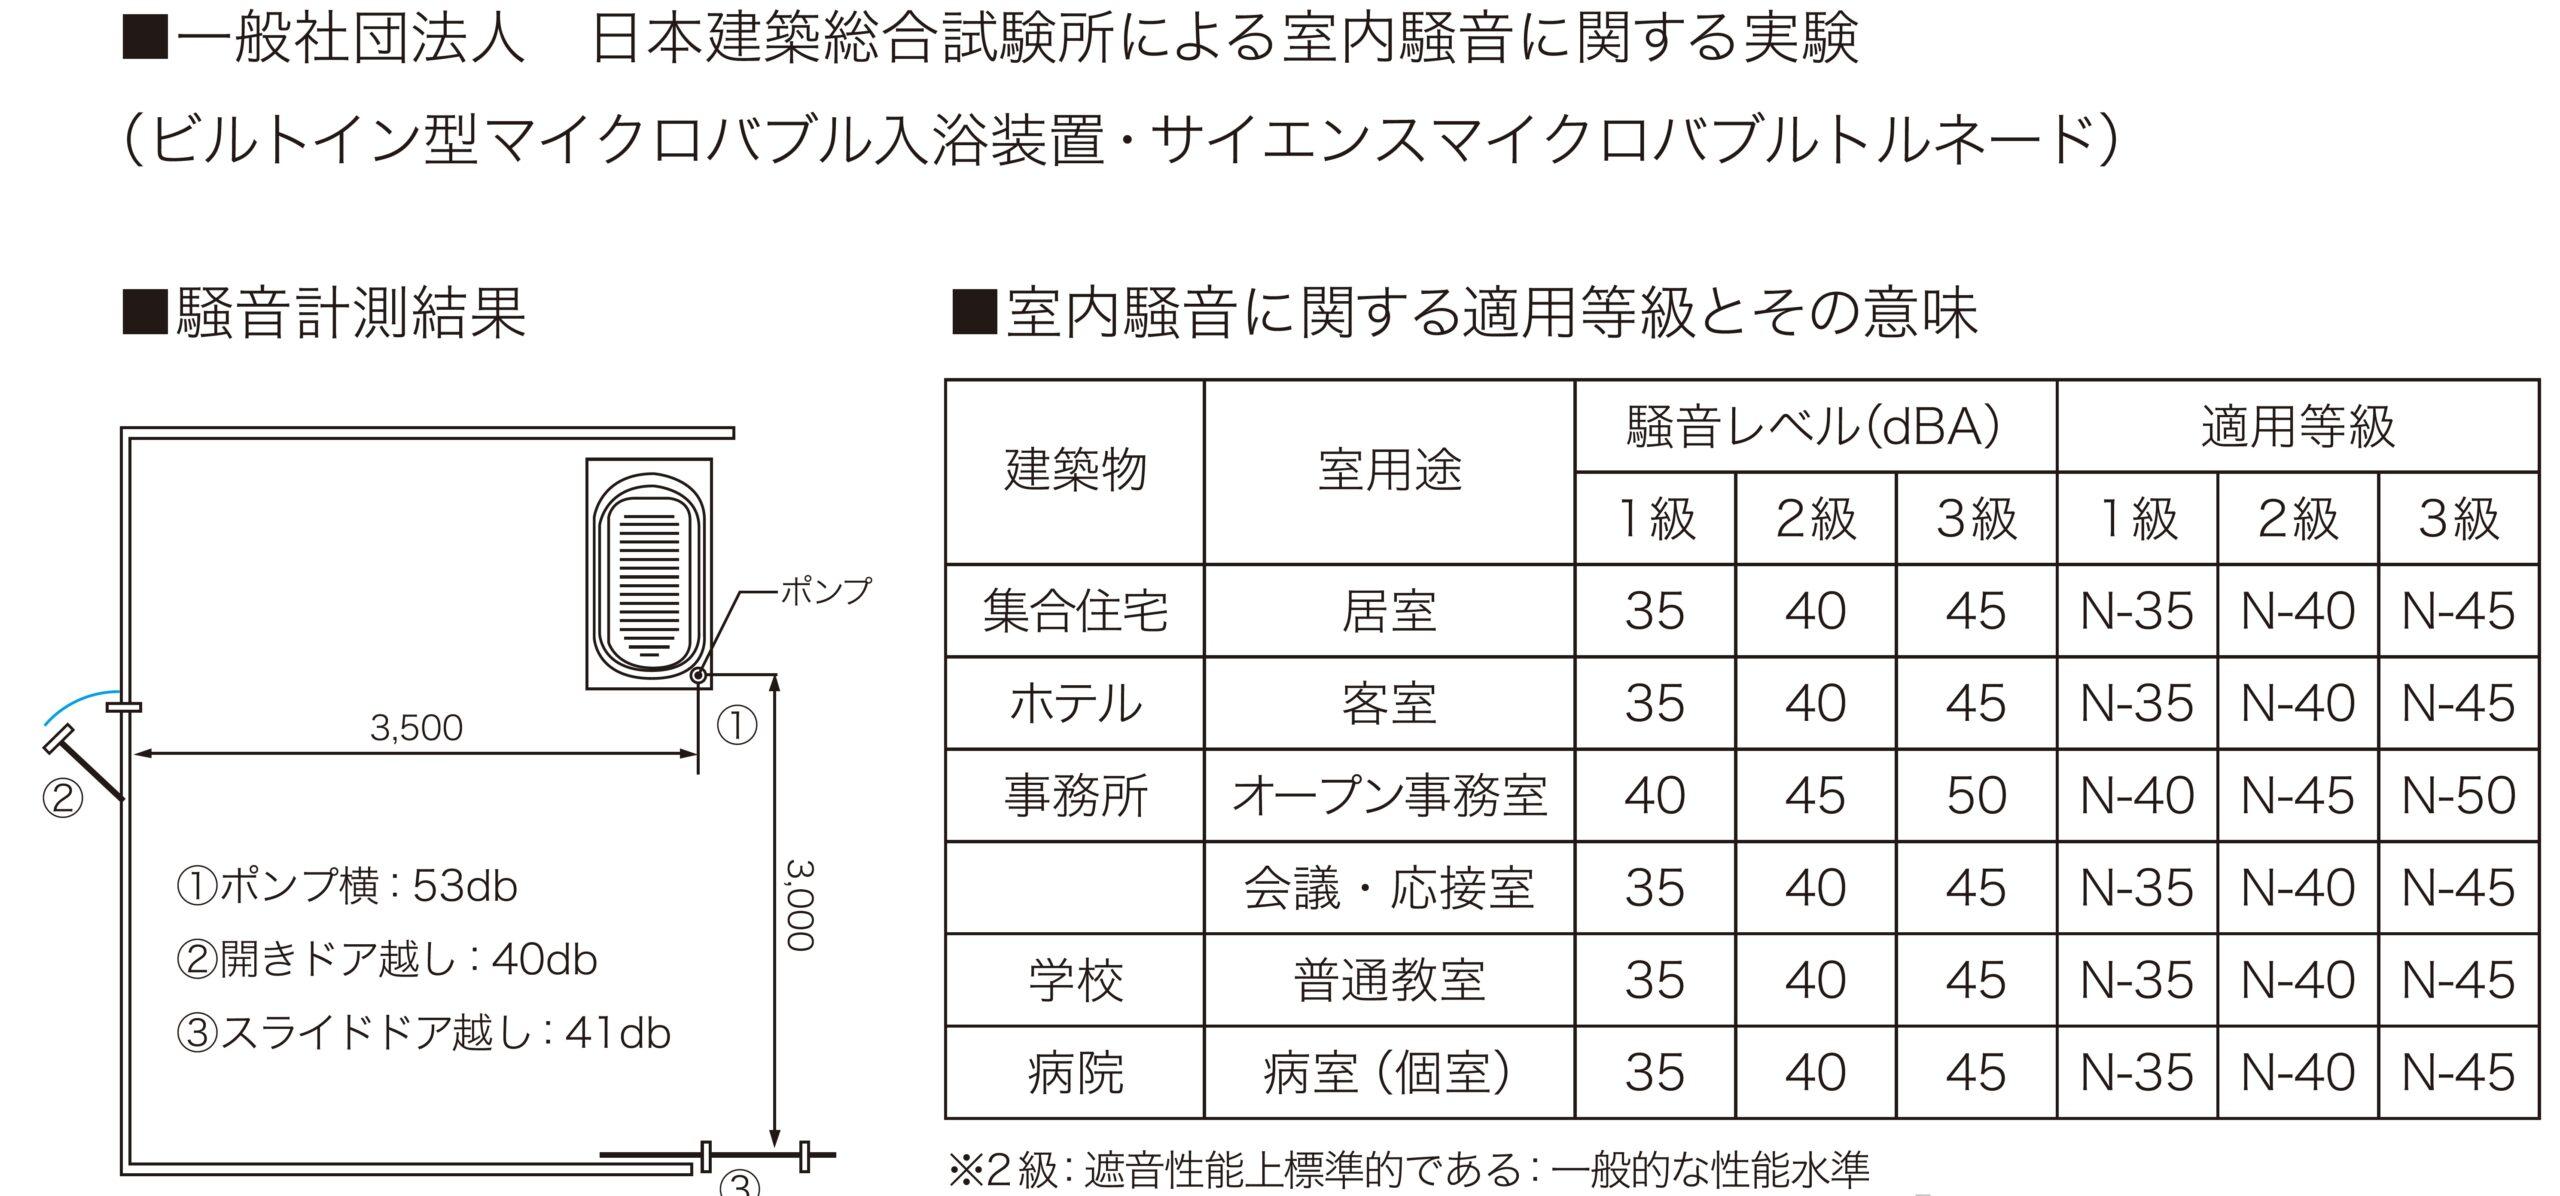 一般社団法人日本建築総合試験所による室内騒音に関する実験